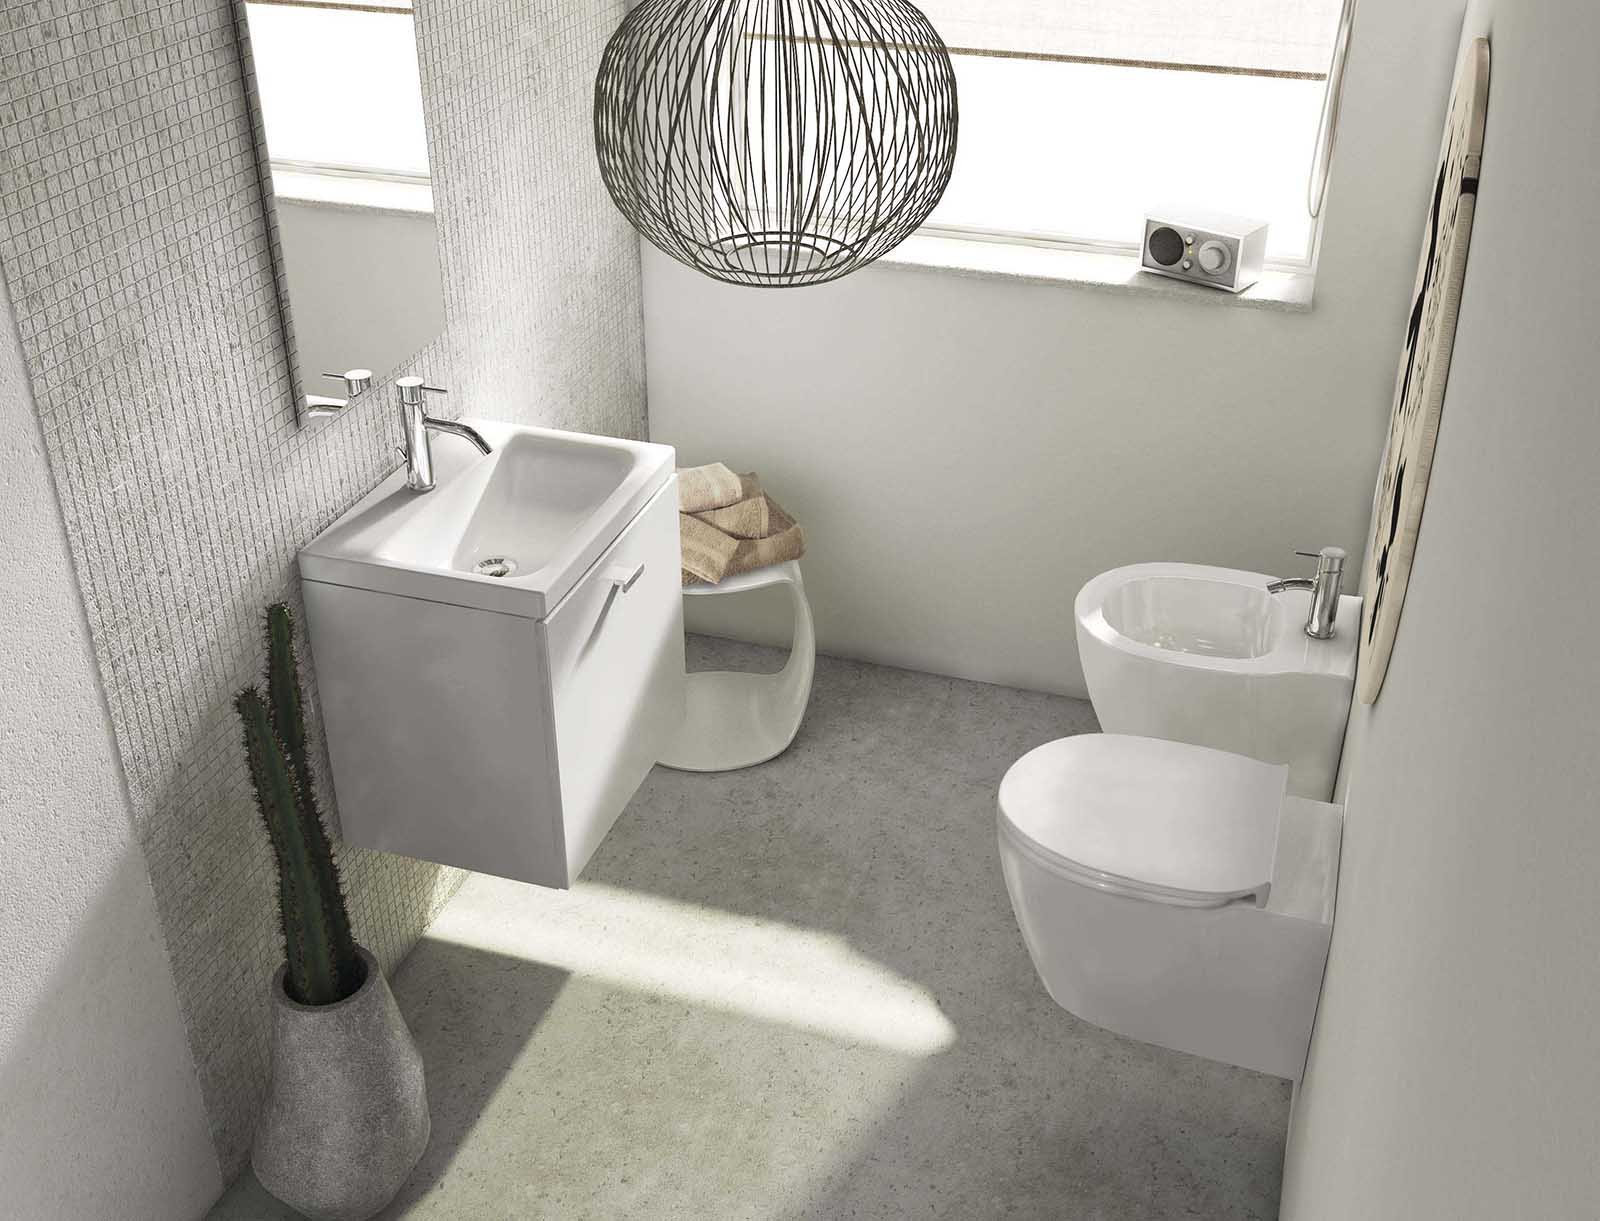 Sanitari salvaspazio poco profondi cose di casa - Dimensione minima bagno ...